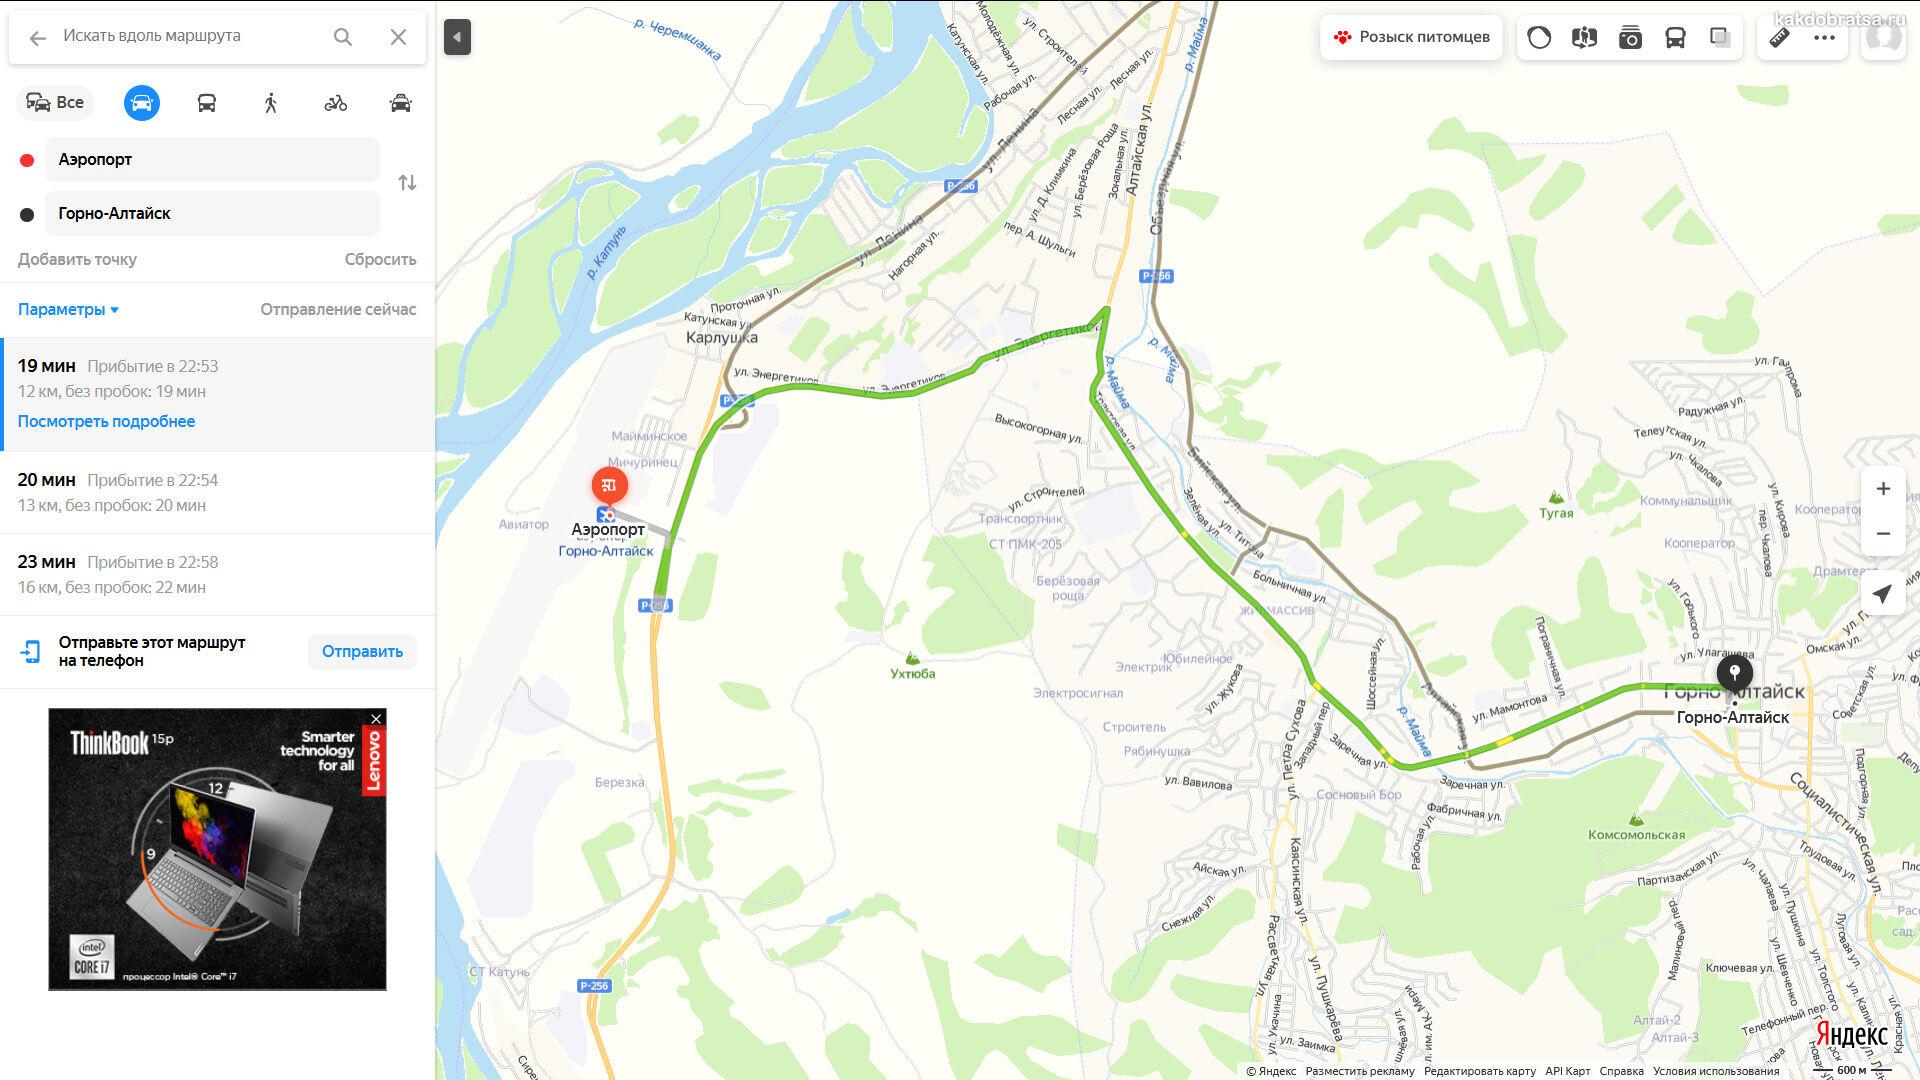 Расположение аэропорта Горно-Алтайск на карте и адрес